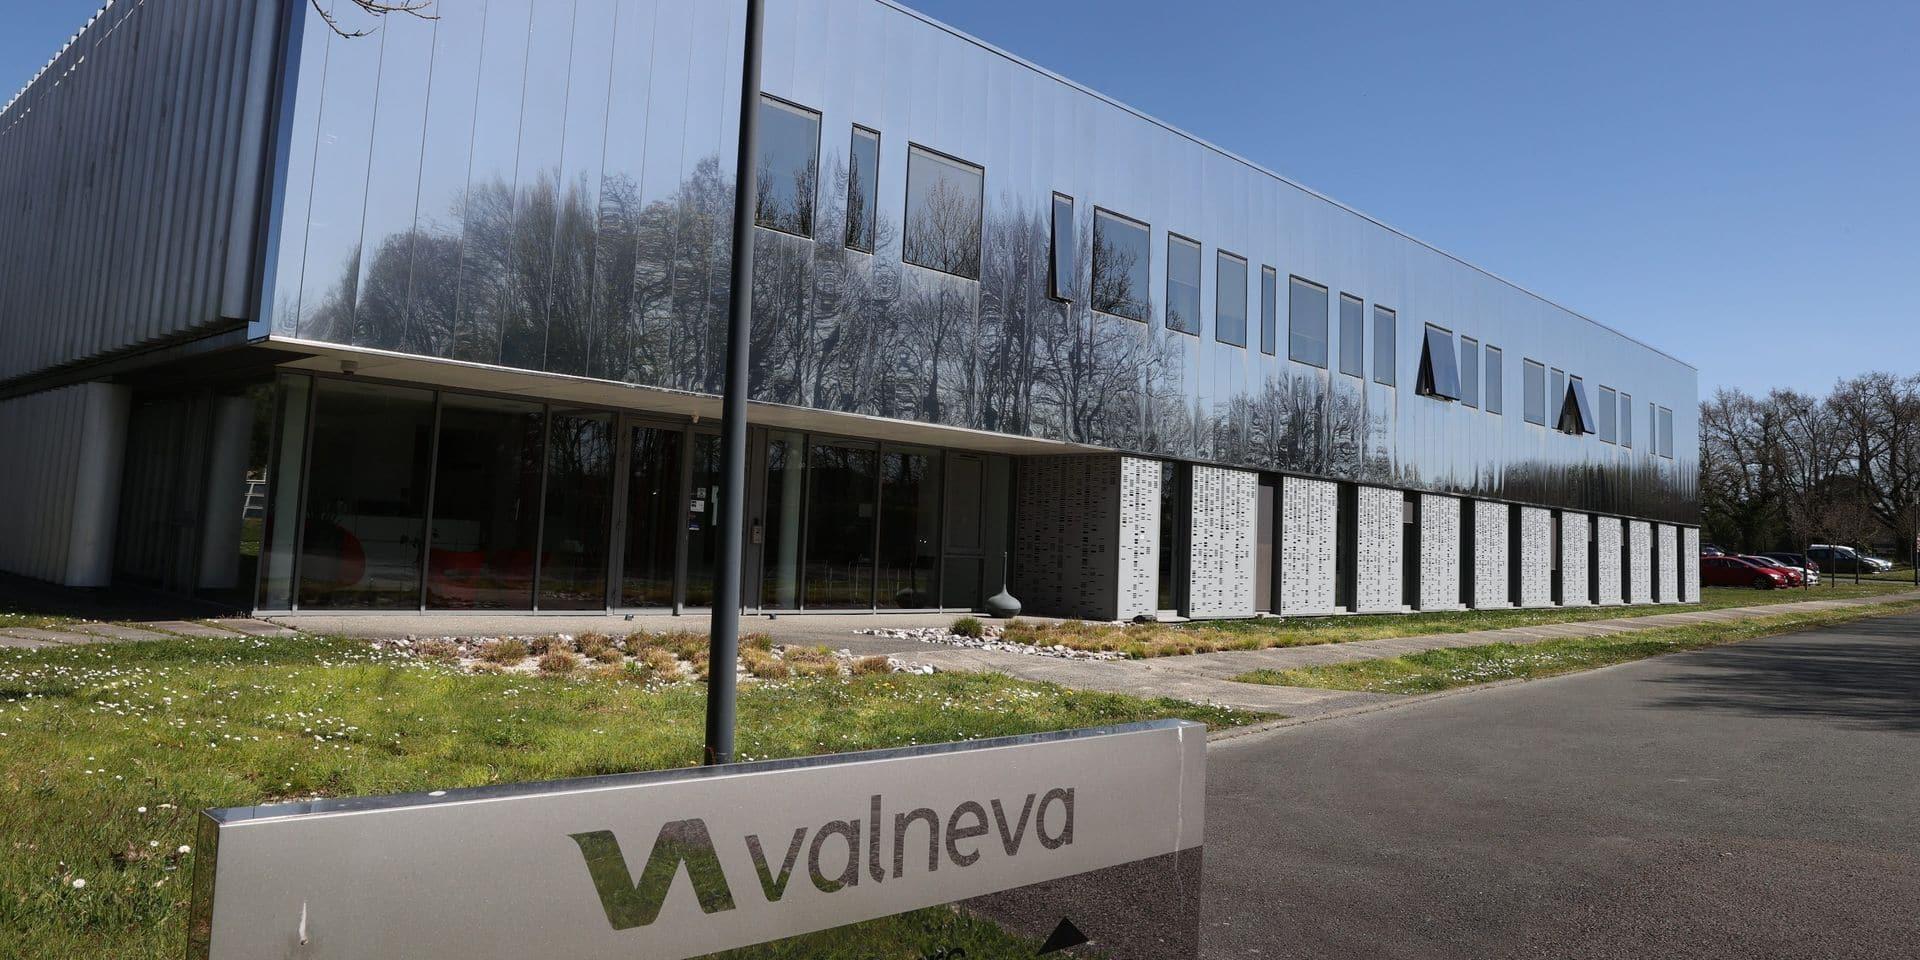 Valneva et son candidat vaccin ne trouvent pas d'accord avec l'UE... mais signent avec le Royaume-Uni